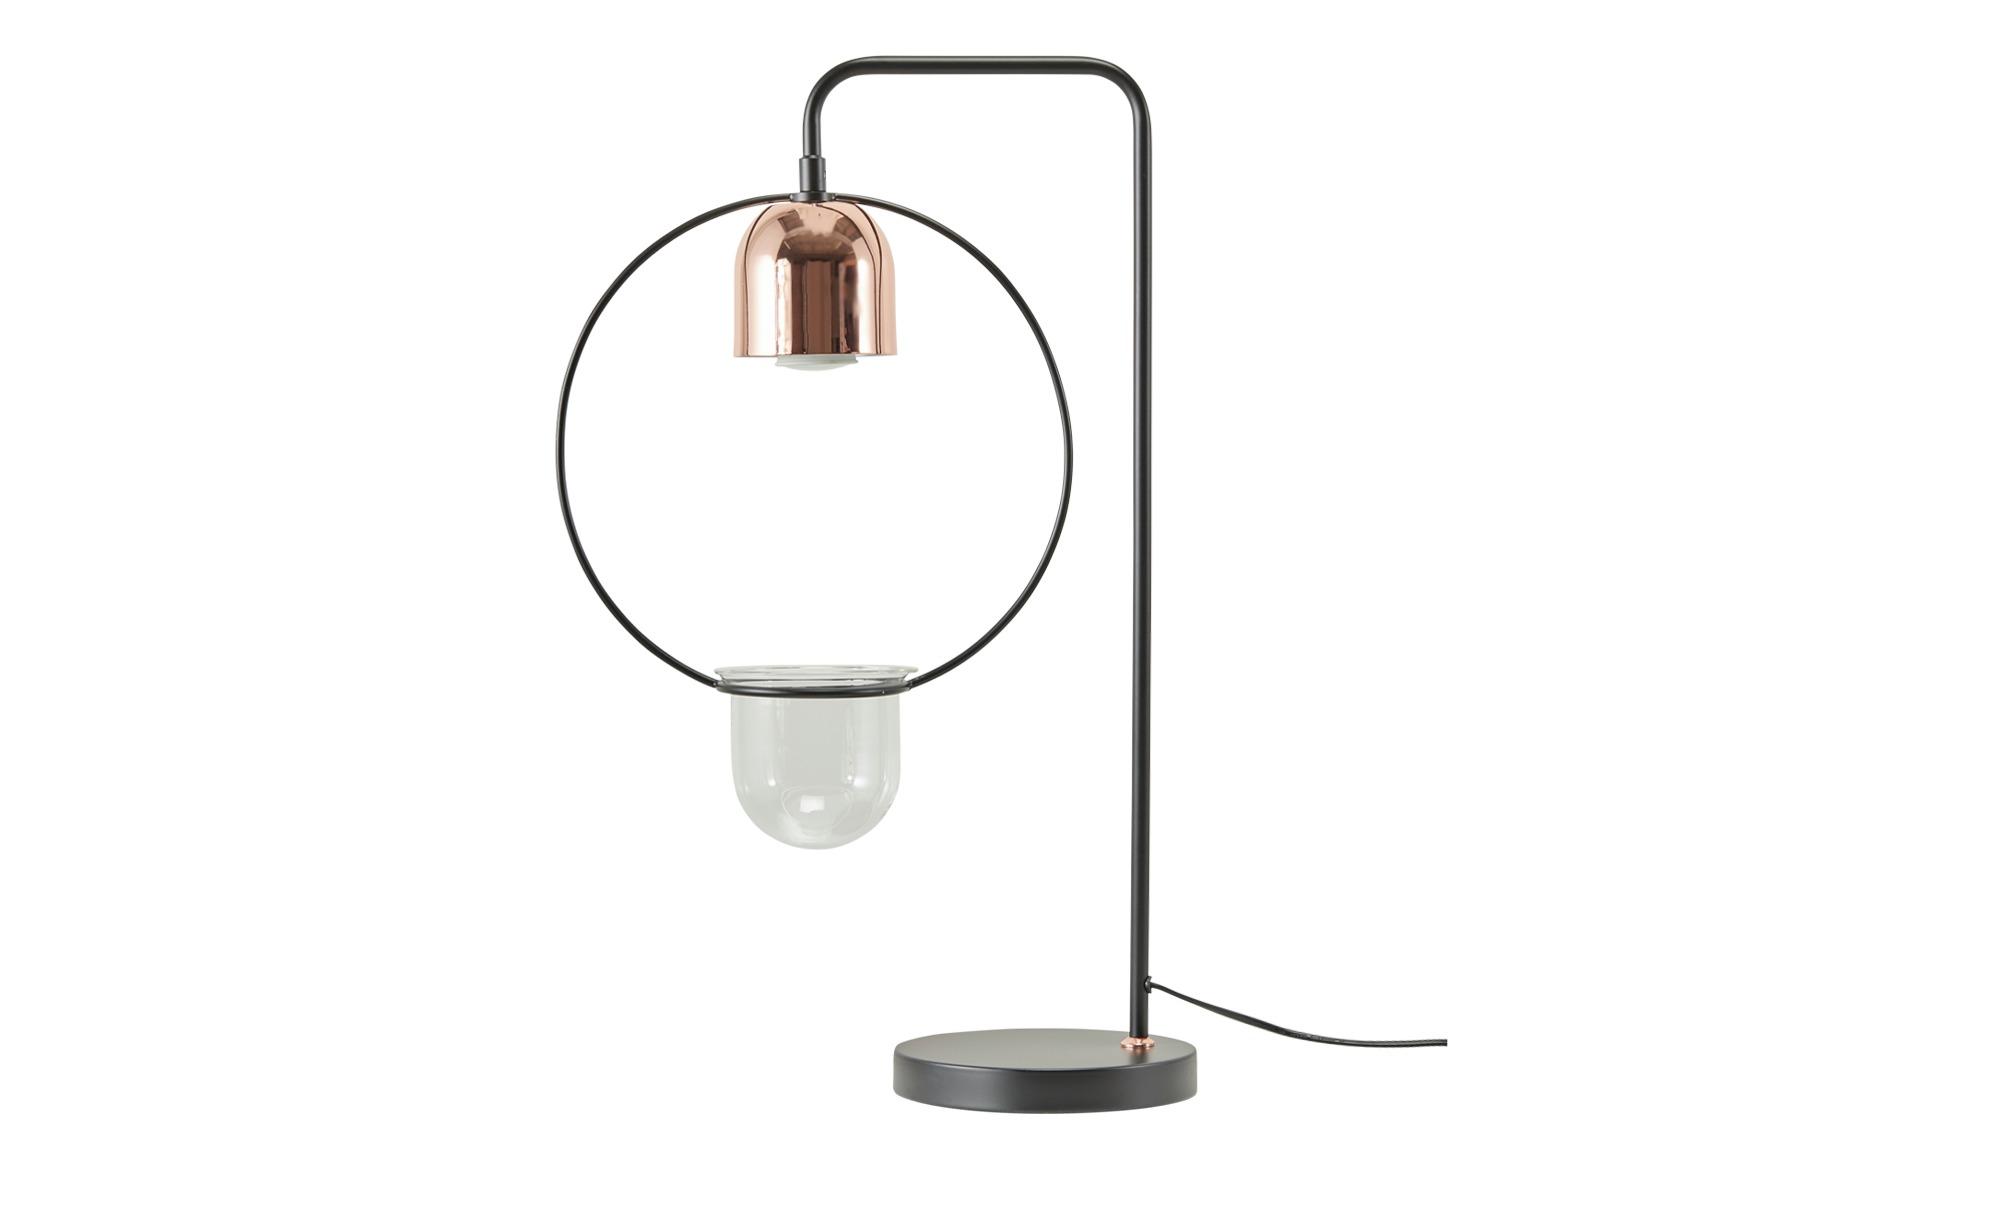 Tischleuchte, 1-flammig, mit Vase ¦ schwarz Lampen & Leuchten > Innenleuchten > Tischlampen - Höffner